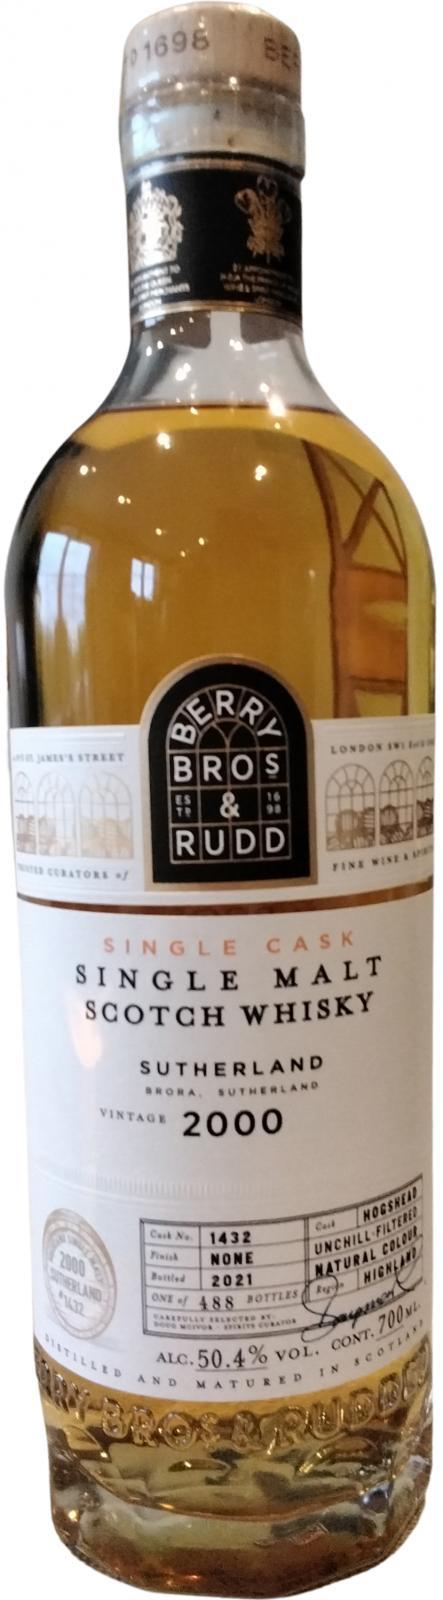 Distilled in Sutherland 2000 BR